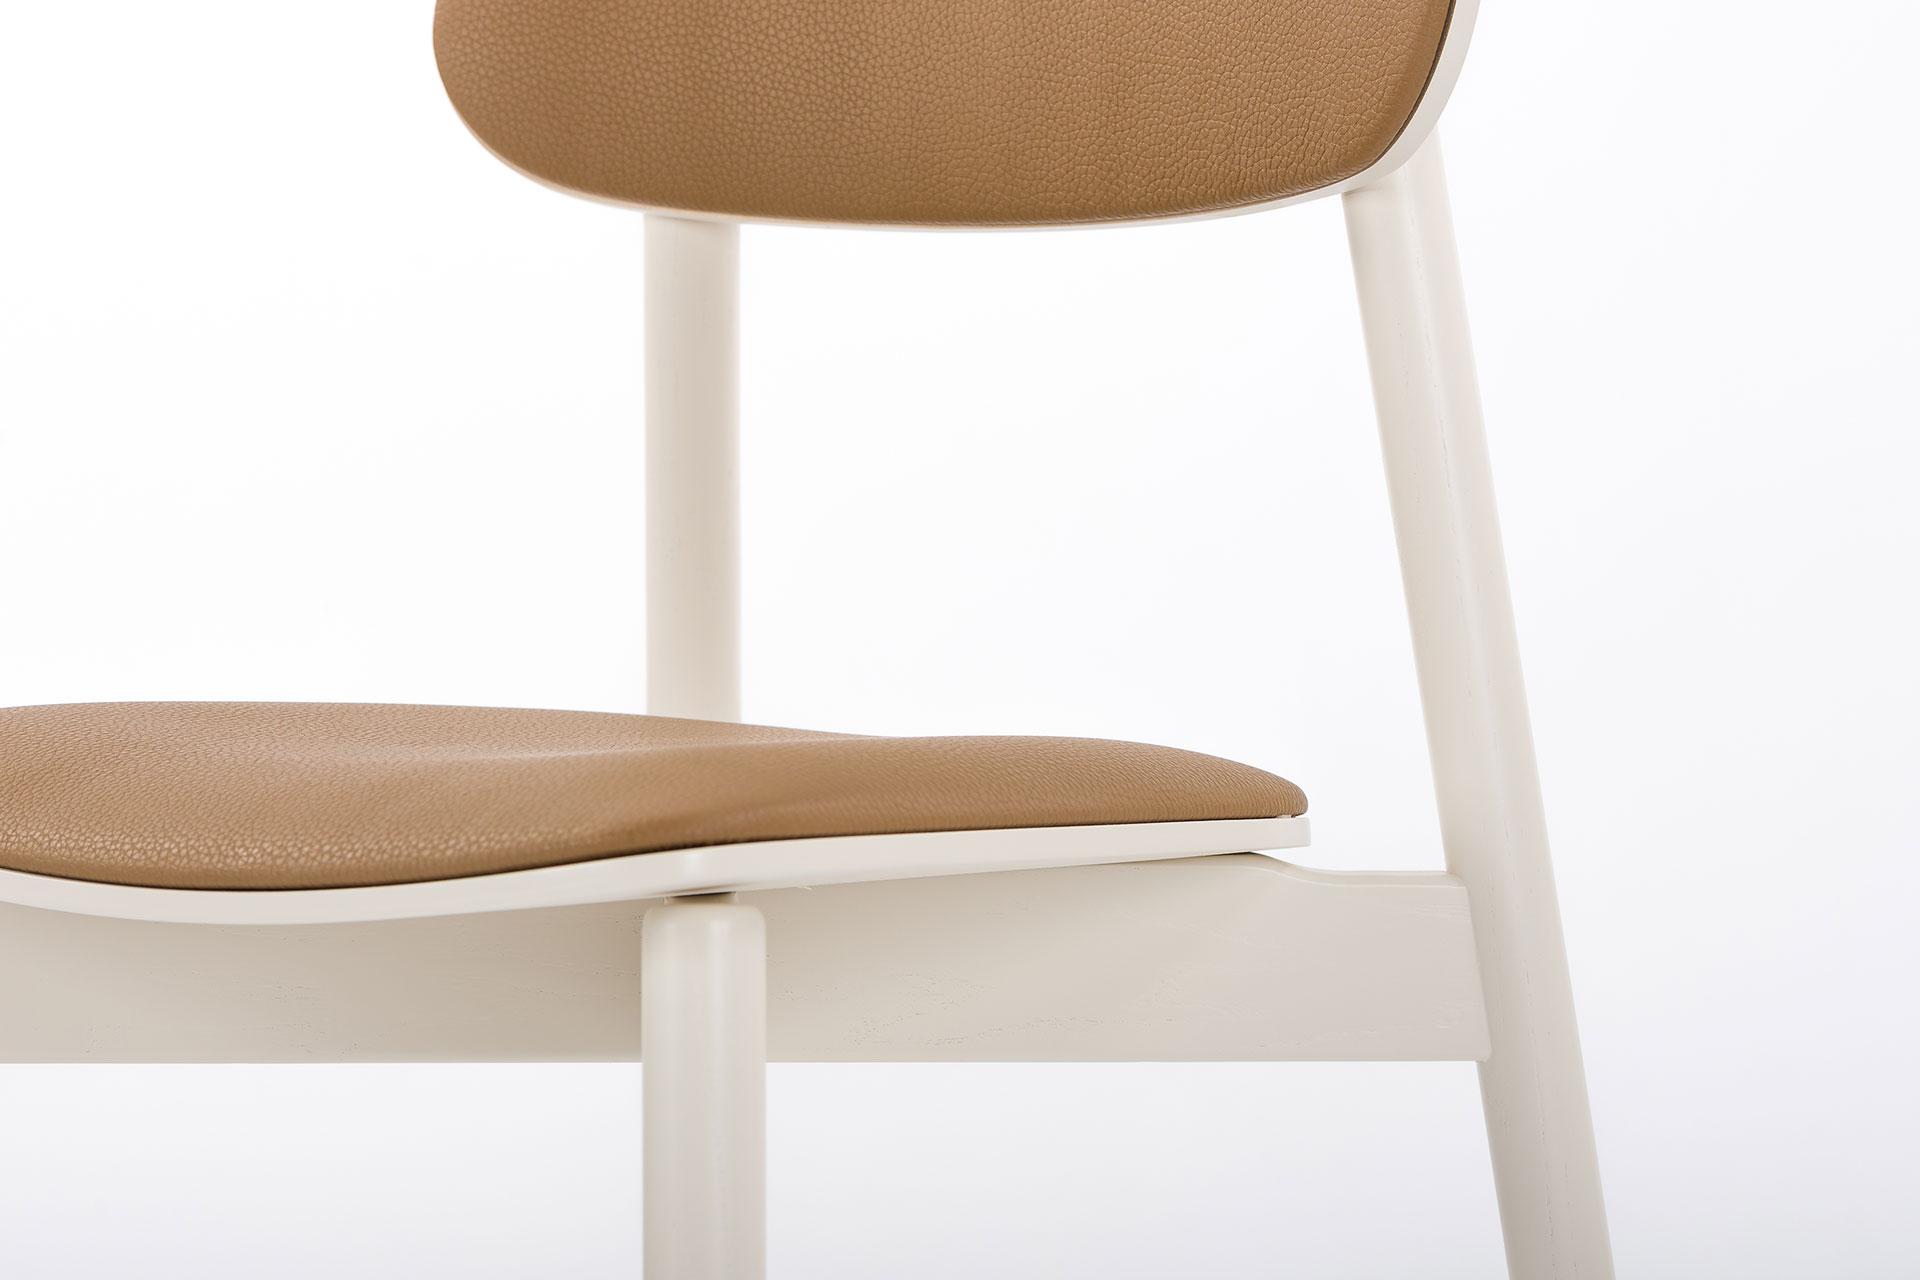 Стул для кухни Х, деревянный с коричневой сидушкой и спинкой и белыми ножками фото 3